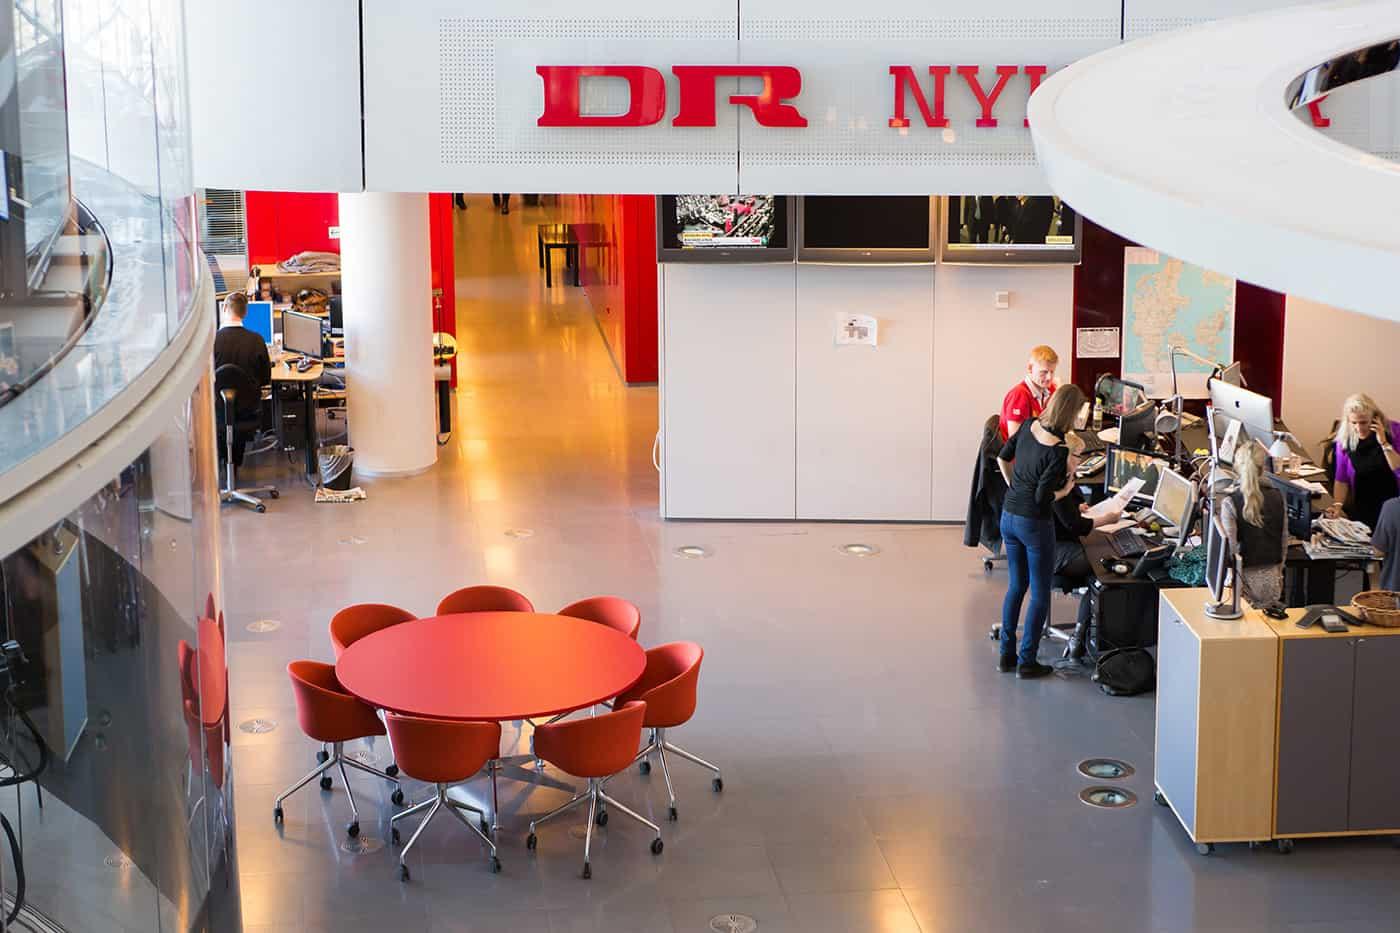 RITAarch DR Danmarks radio, indretning, lounge, DR gaden, Dr news, arbejdsområde, kontorindretning, dropin